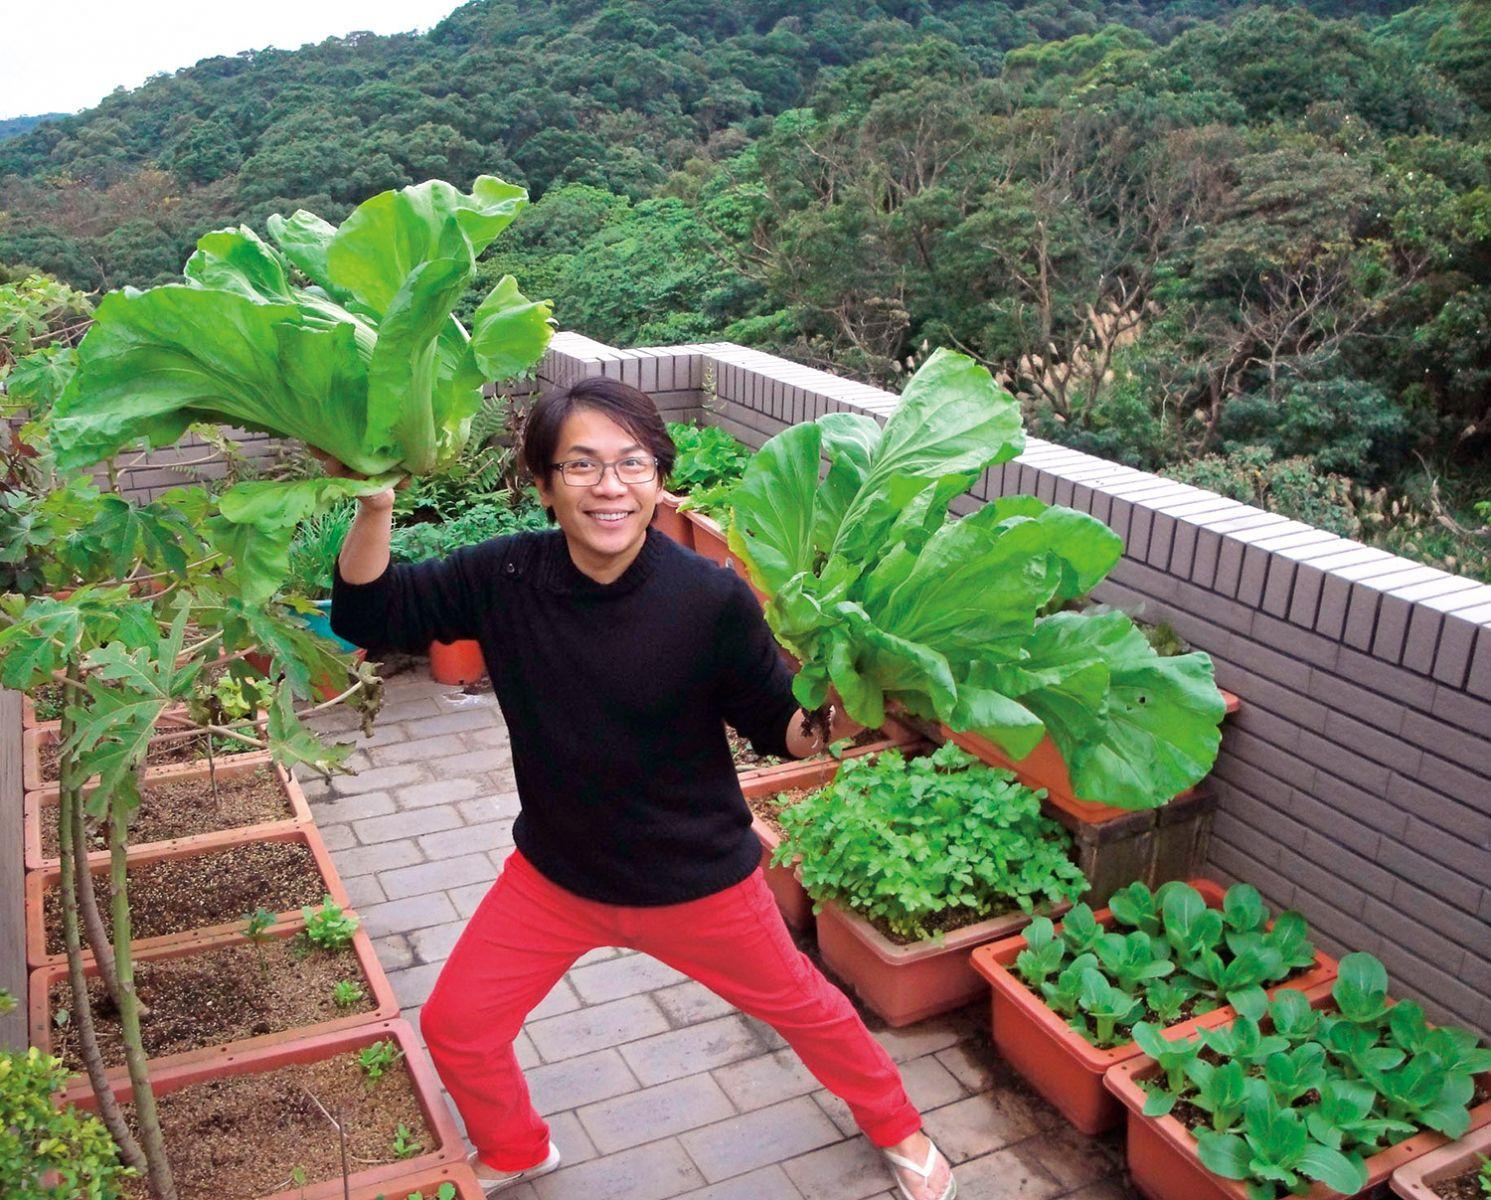 許傑輝在自家陽台種無農藥蔬菜